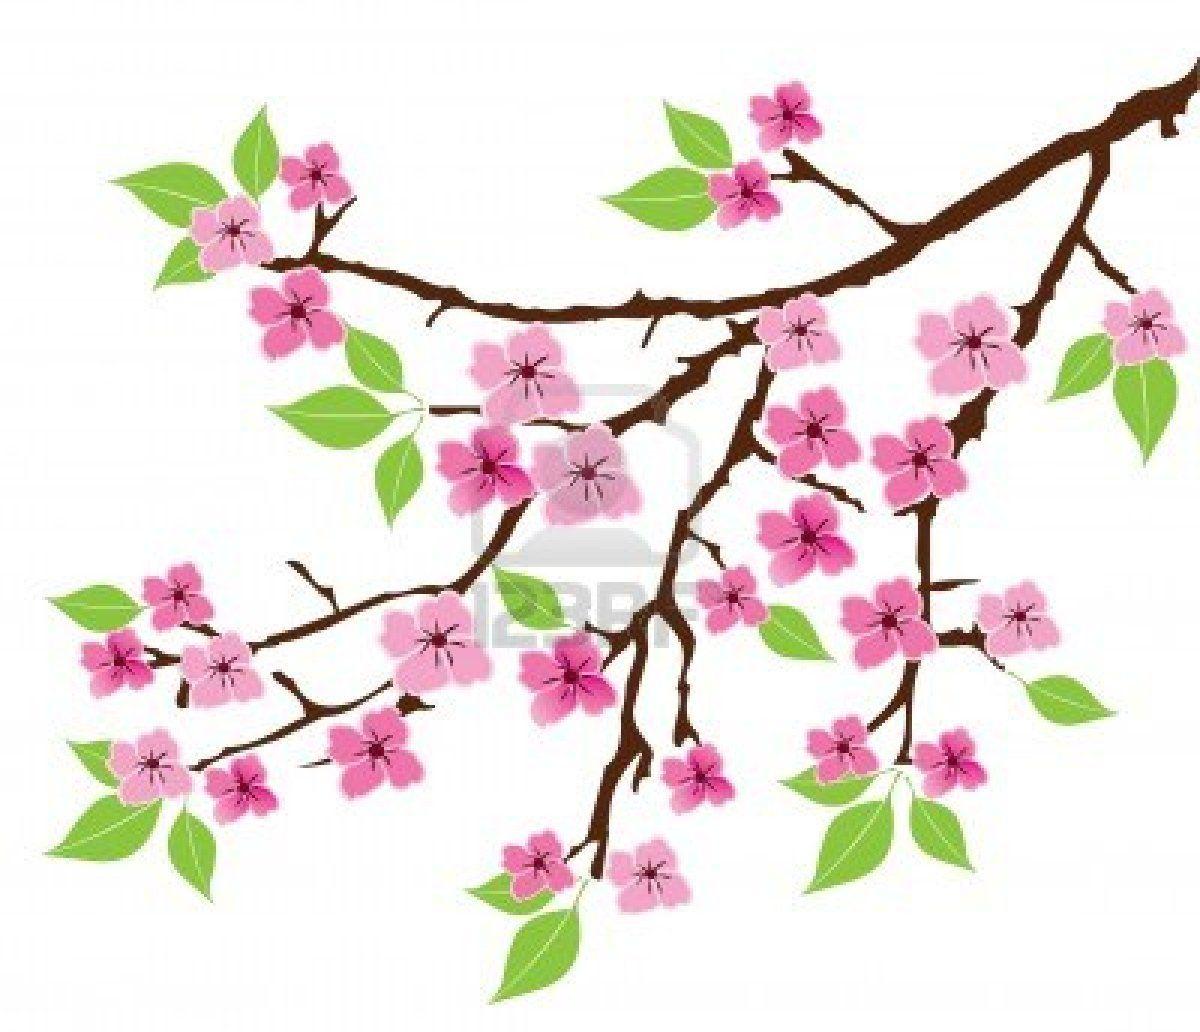 Vector de la rama del arbol con hojas y flores foto de - Ramas de arboles ...